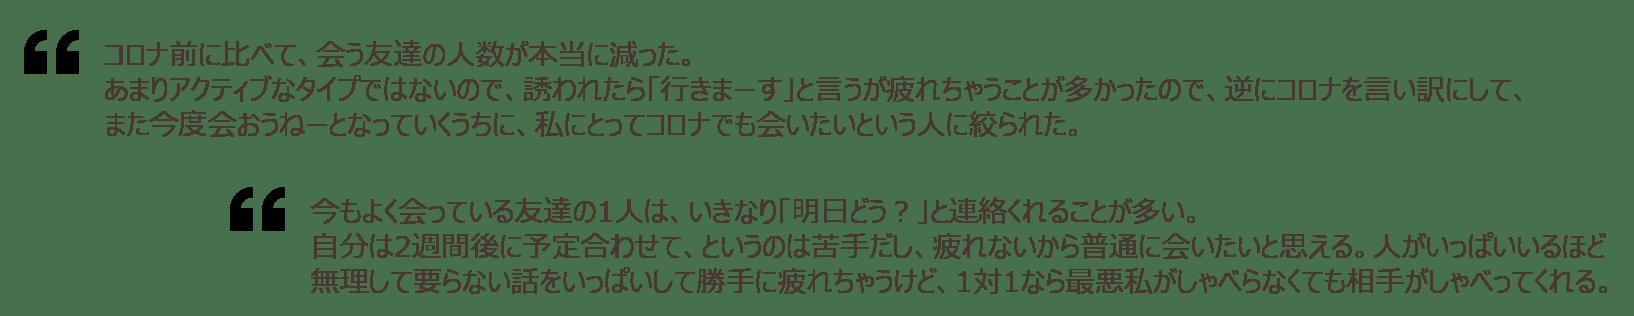 n1-c_04.png